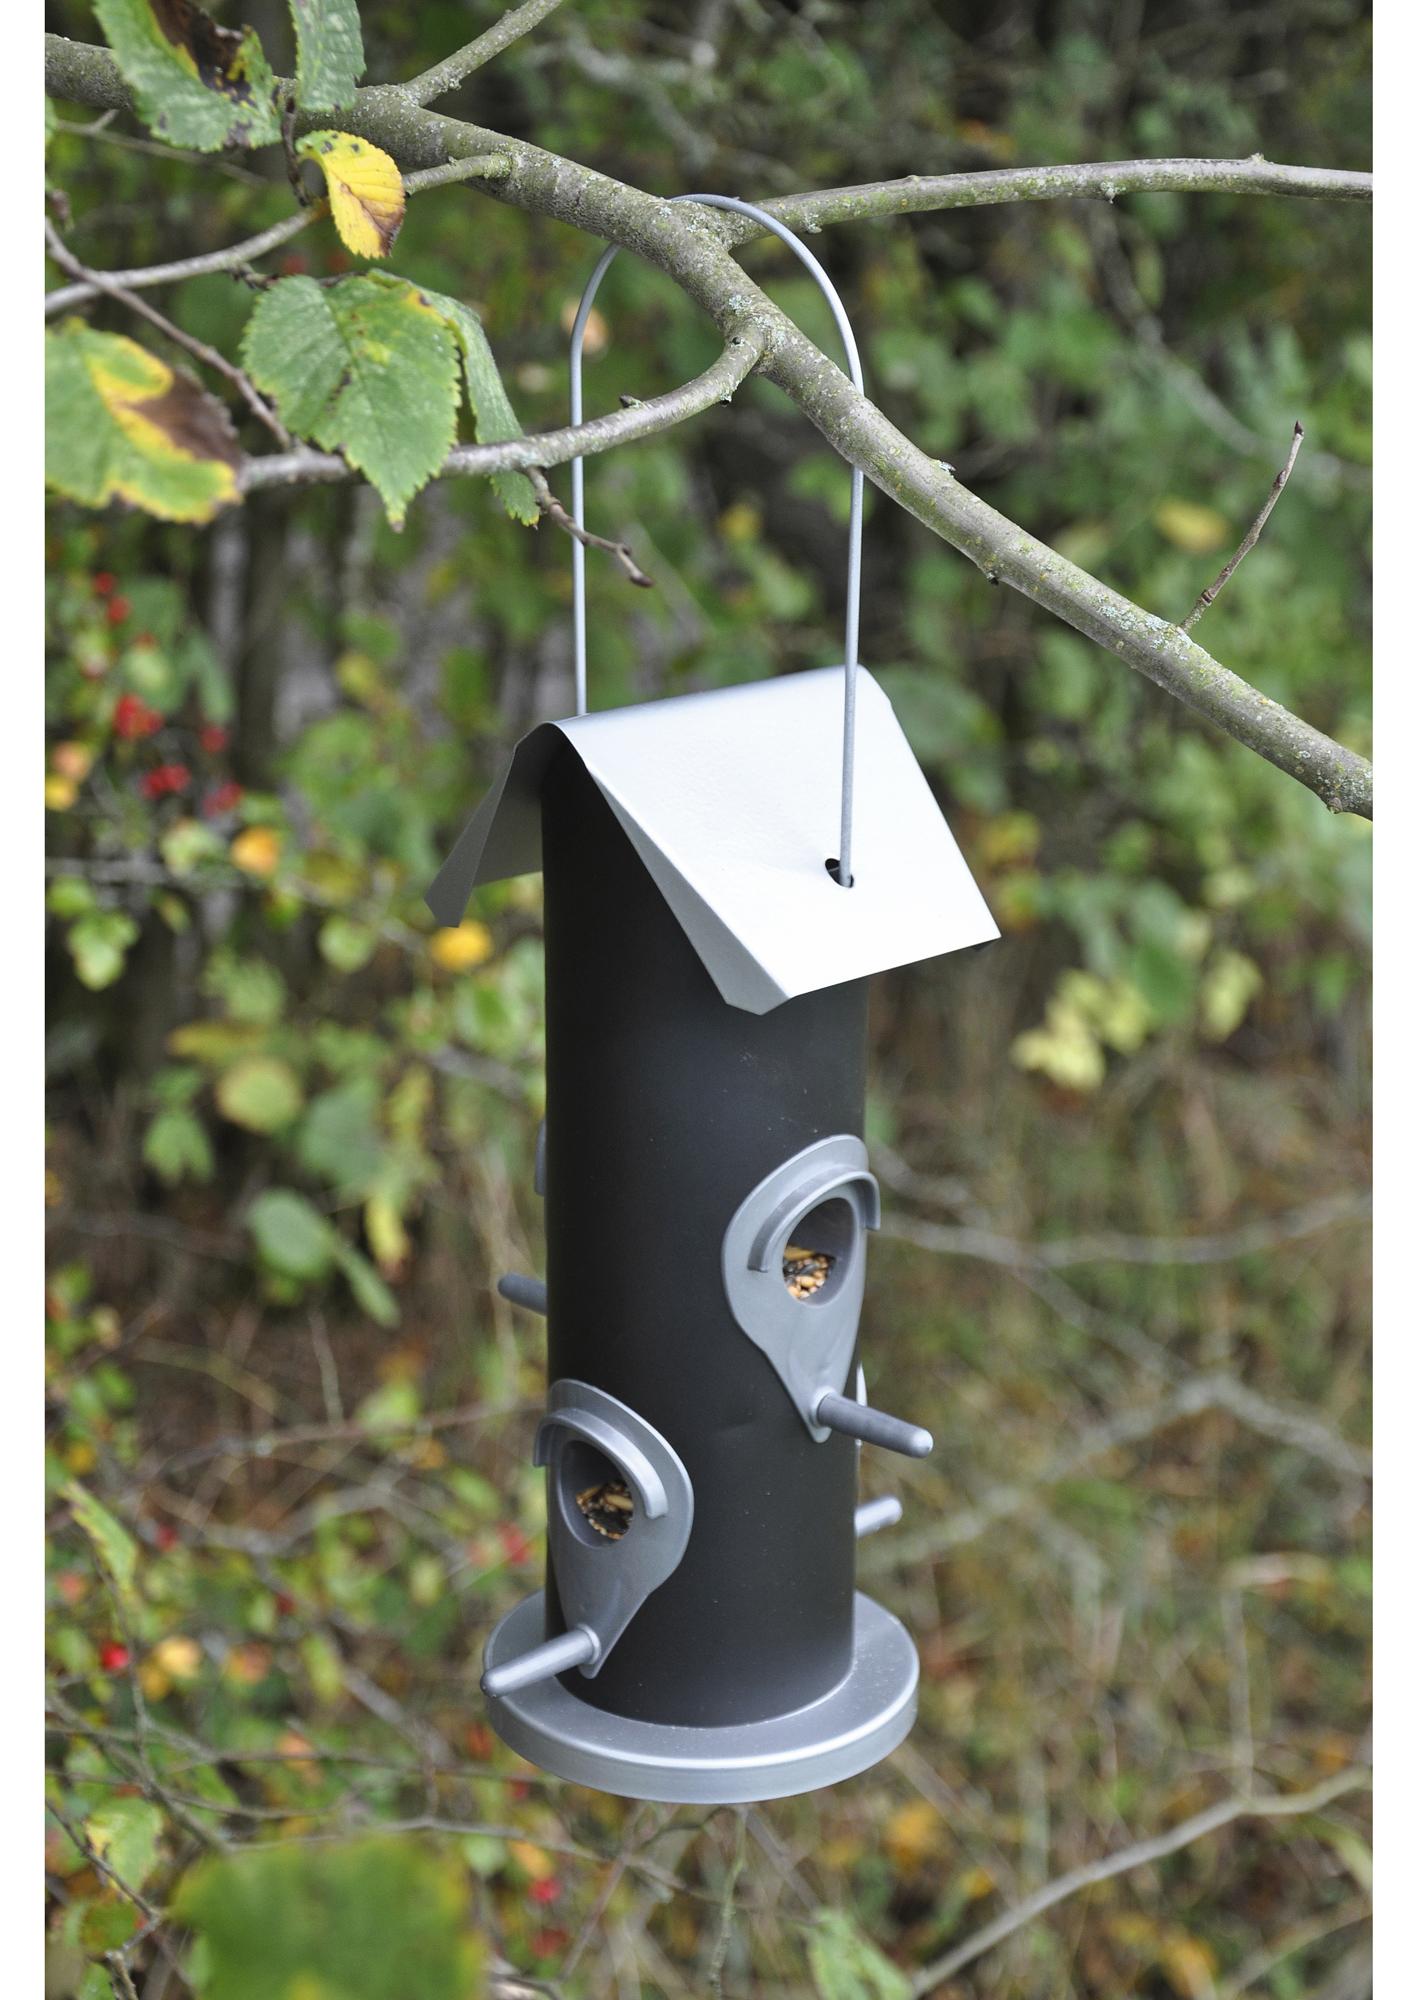 holz vogelhaus vogelvilla nistkasten vogel nest vogelh uschen vogelnistkasten ebay. Black Bedroom Furniture Sets. Home Design Ideas